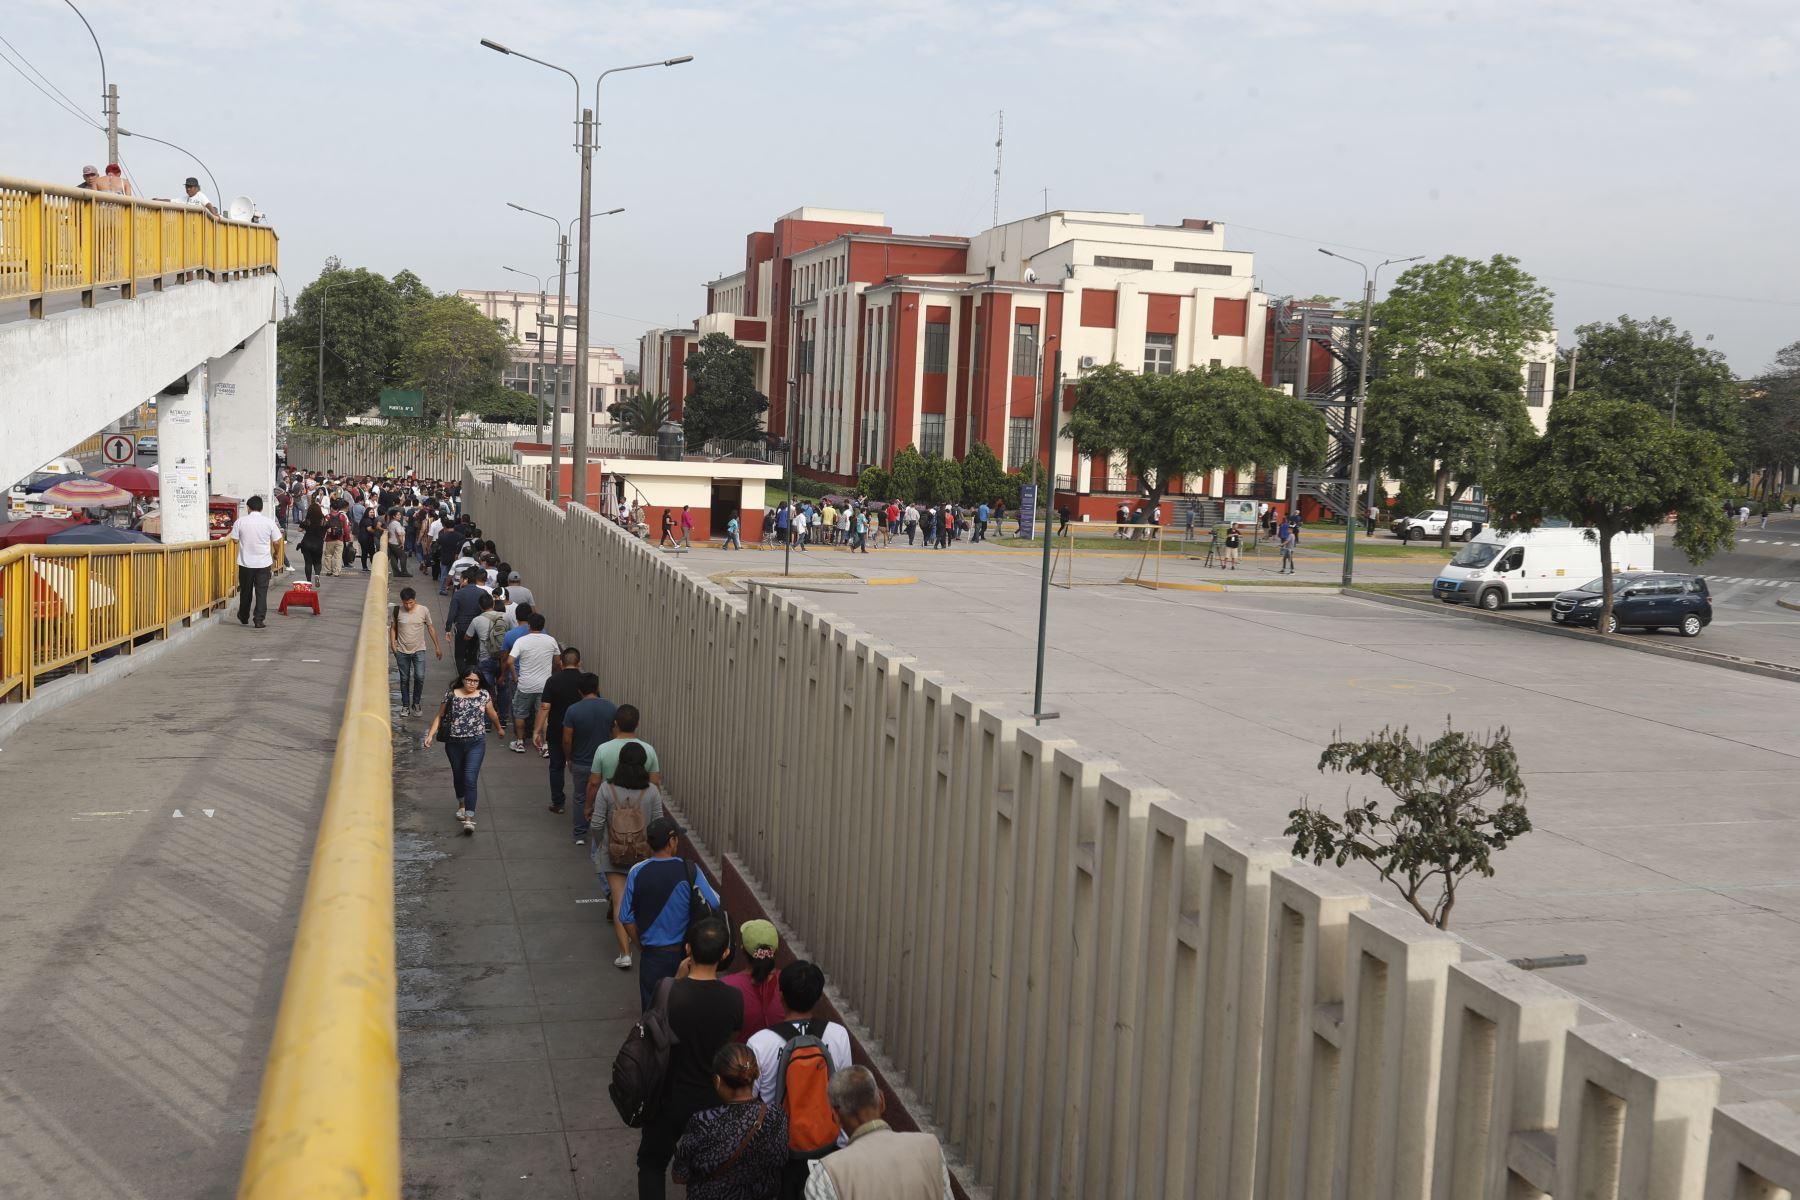 Electores ingresan a la Universidad de Ingeniería para emitir su voto en las Elecciones Congresales Extraordinarias 2020.Foto: ANDINA/Renato Pajuelo